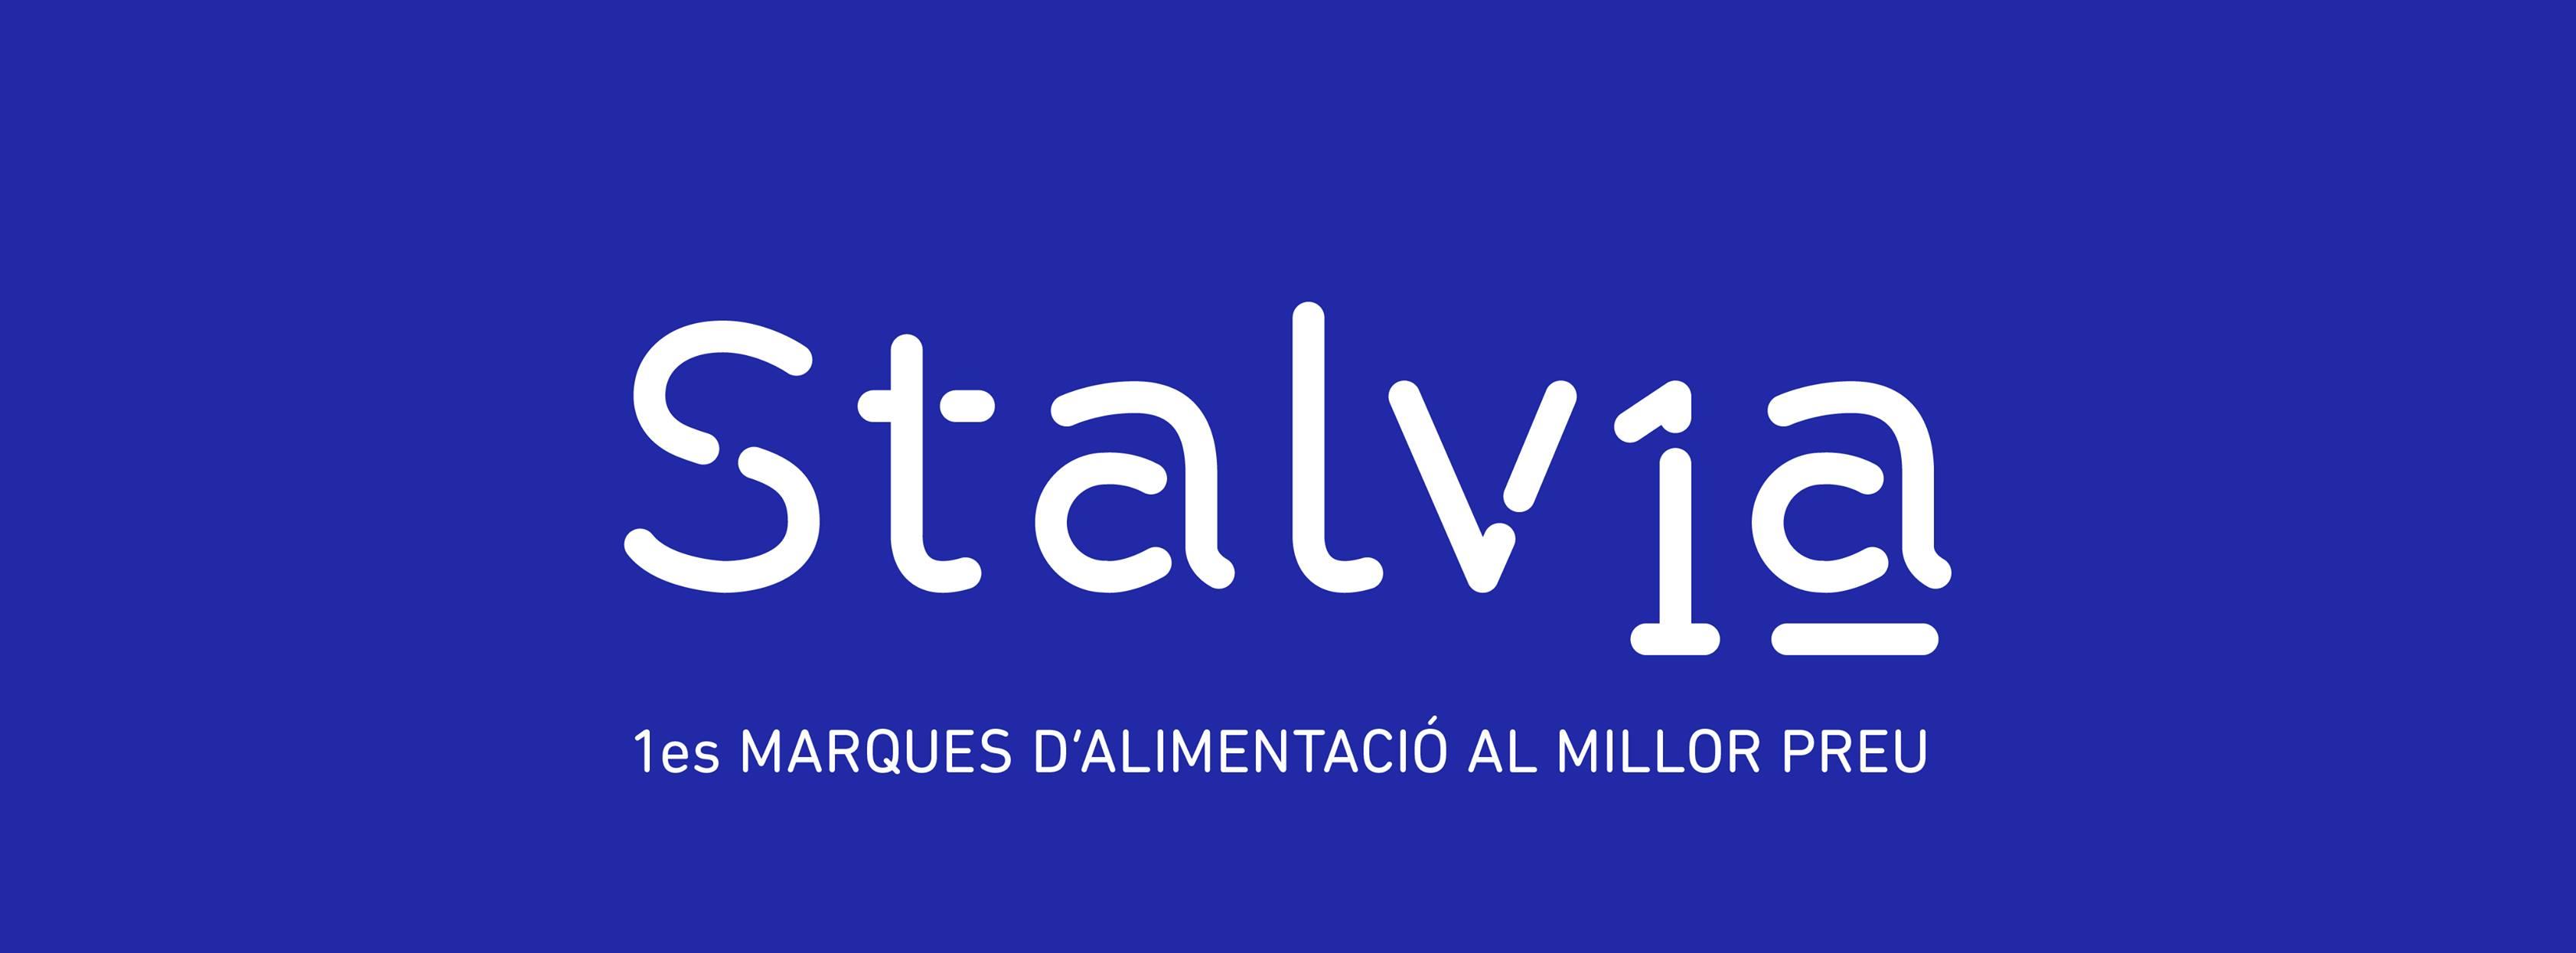 Stalv1a